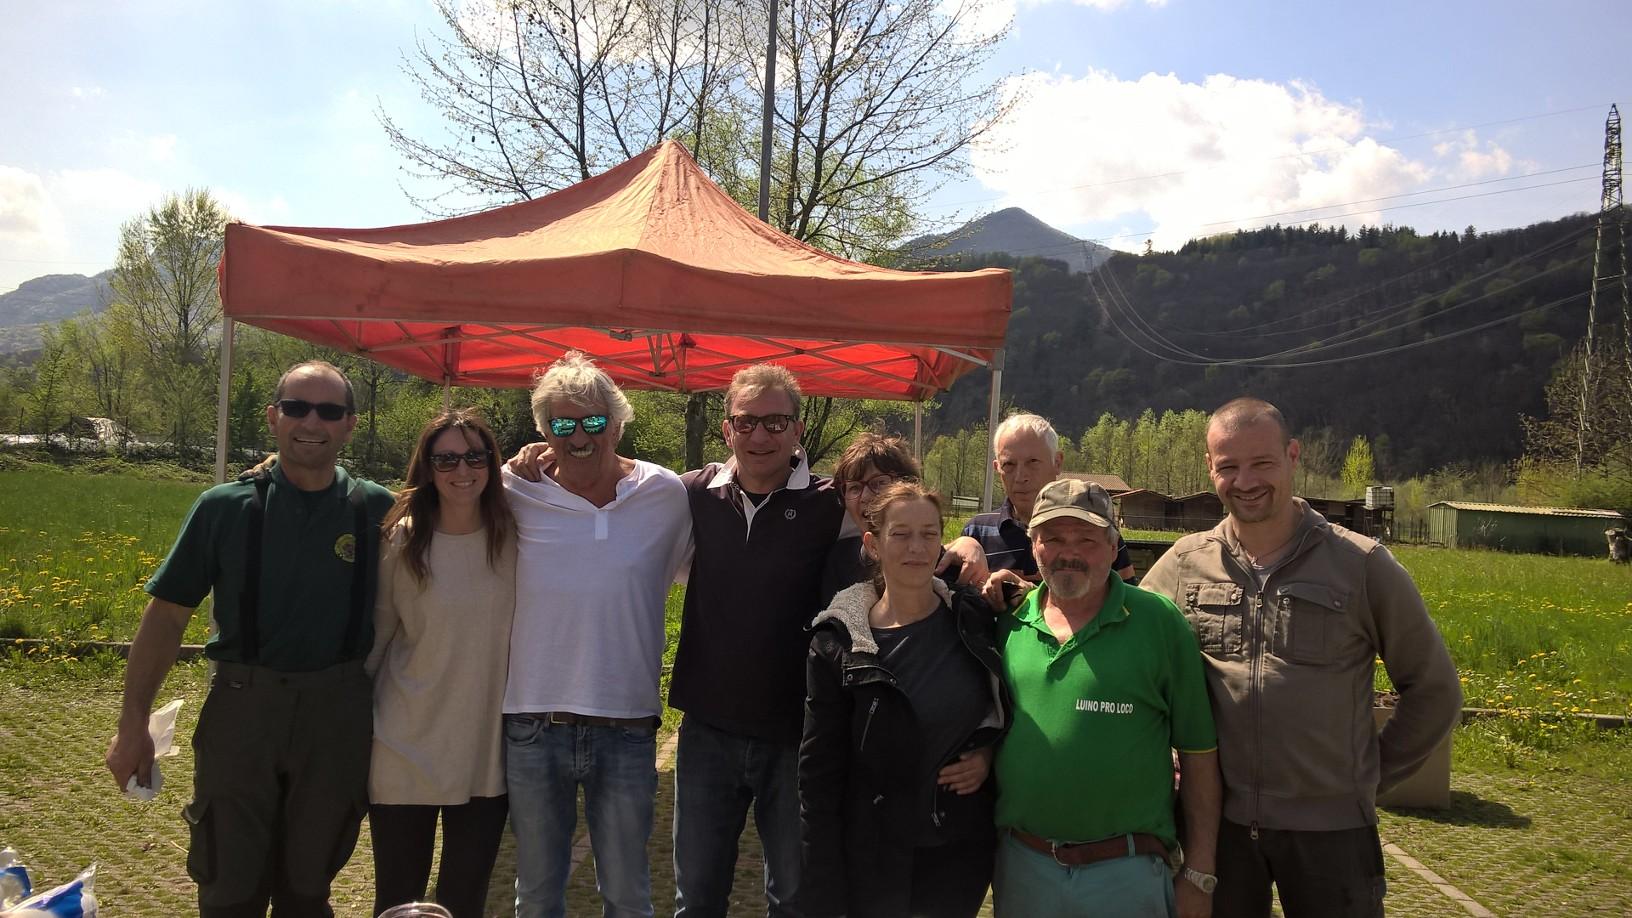 """Luino, le foto della """"Giornata del Verde Pulito"""". Il sindaco: """"Esperienza molto educativa per i partecipanti"""""""